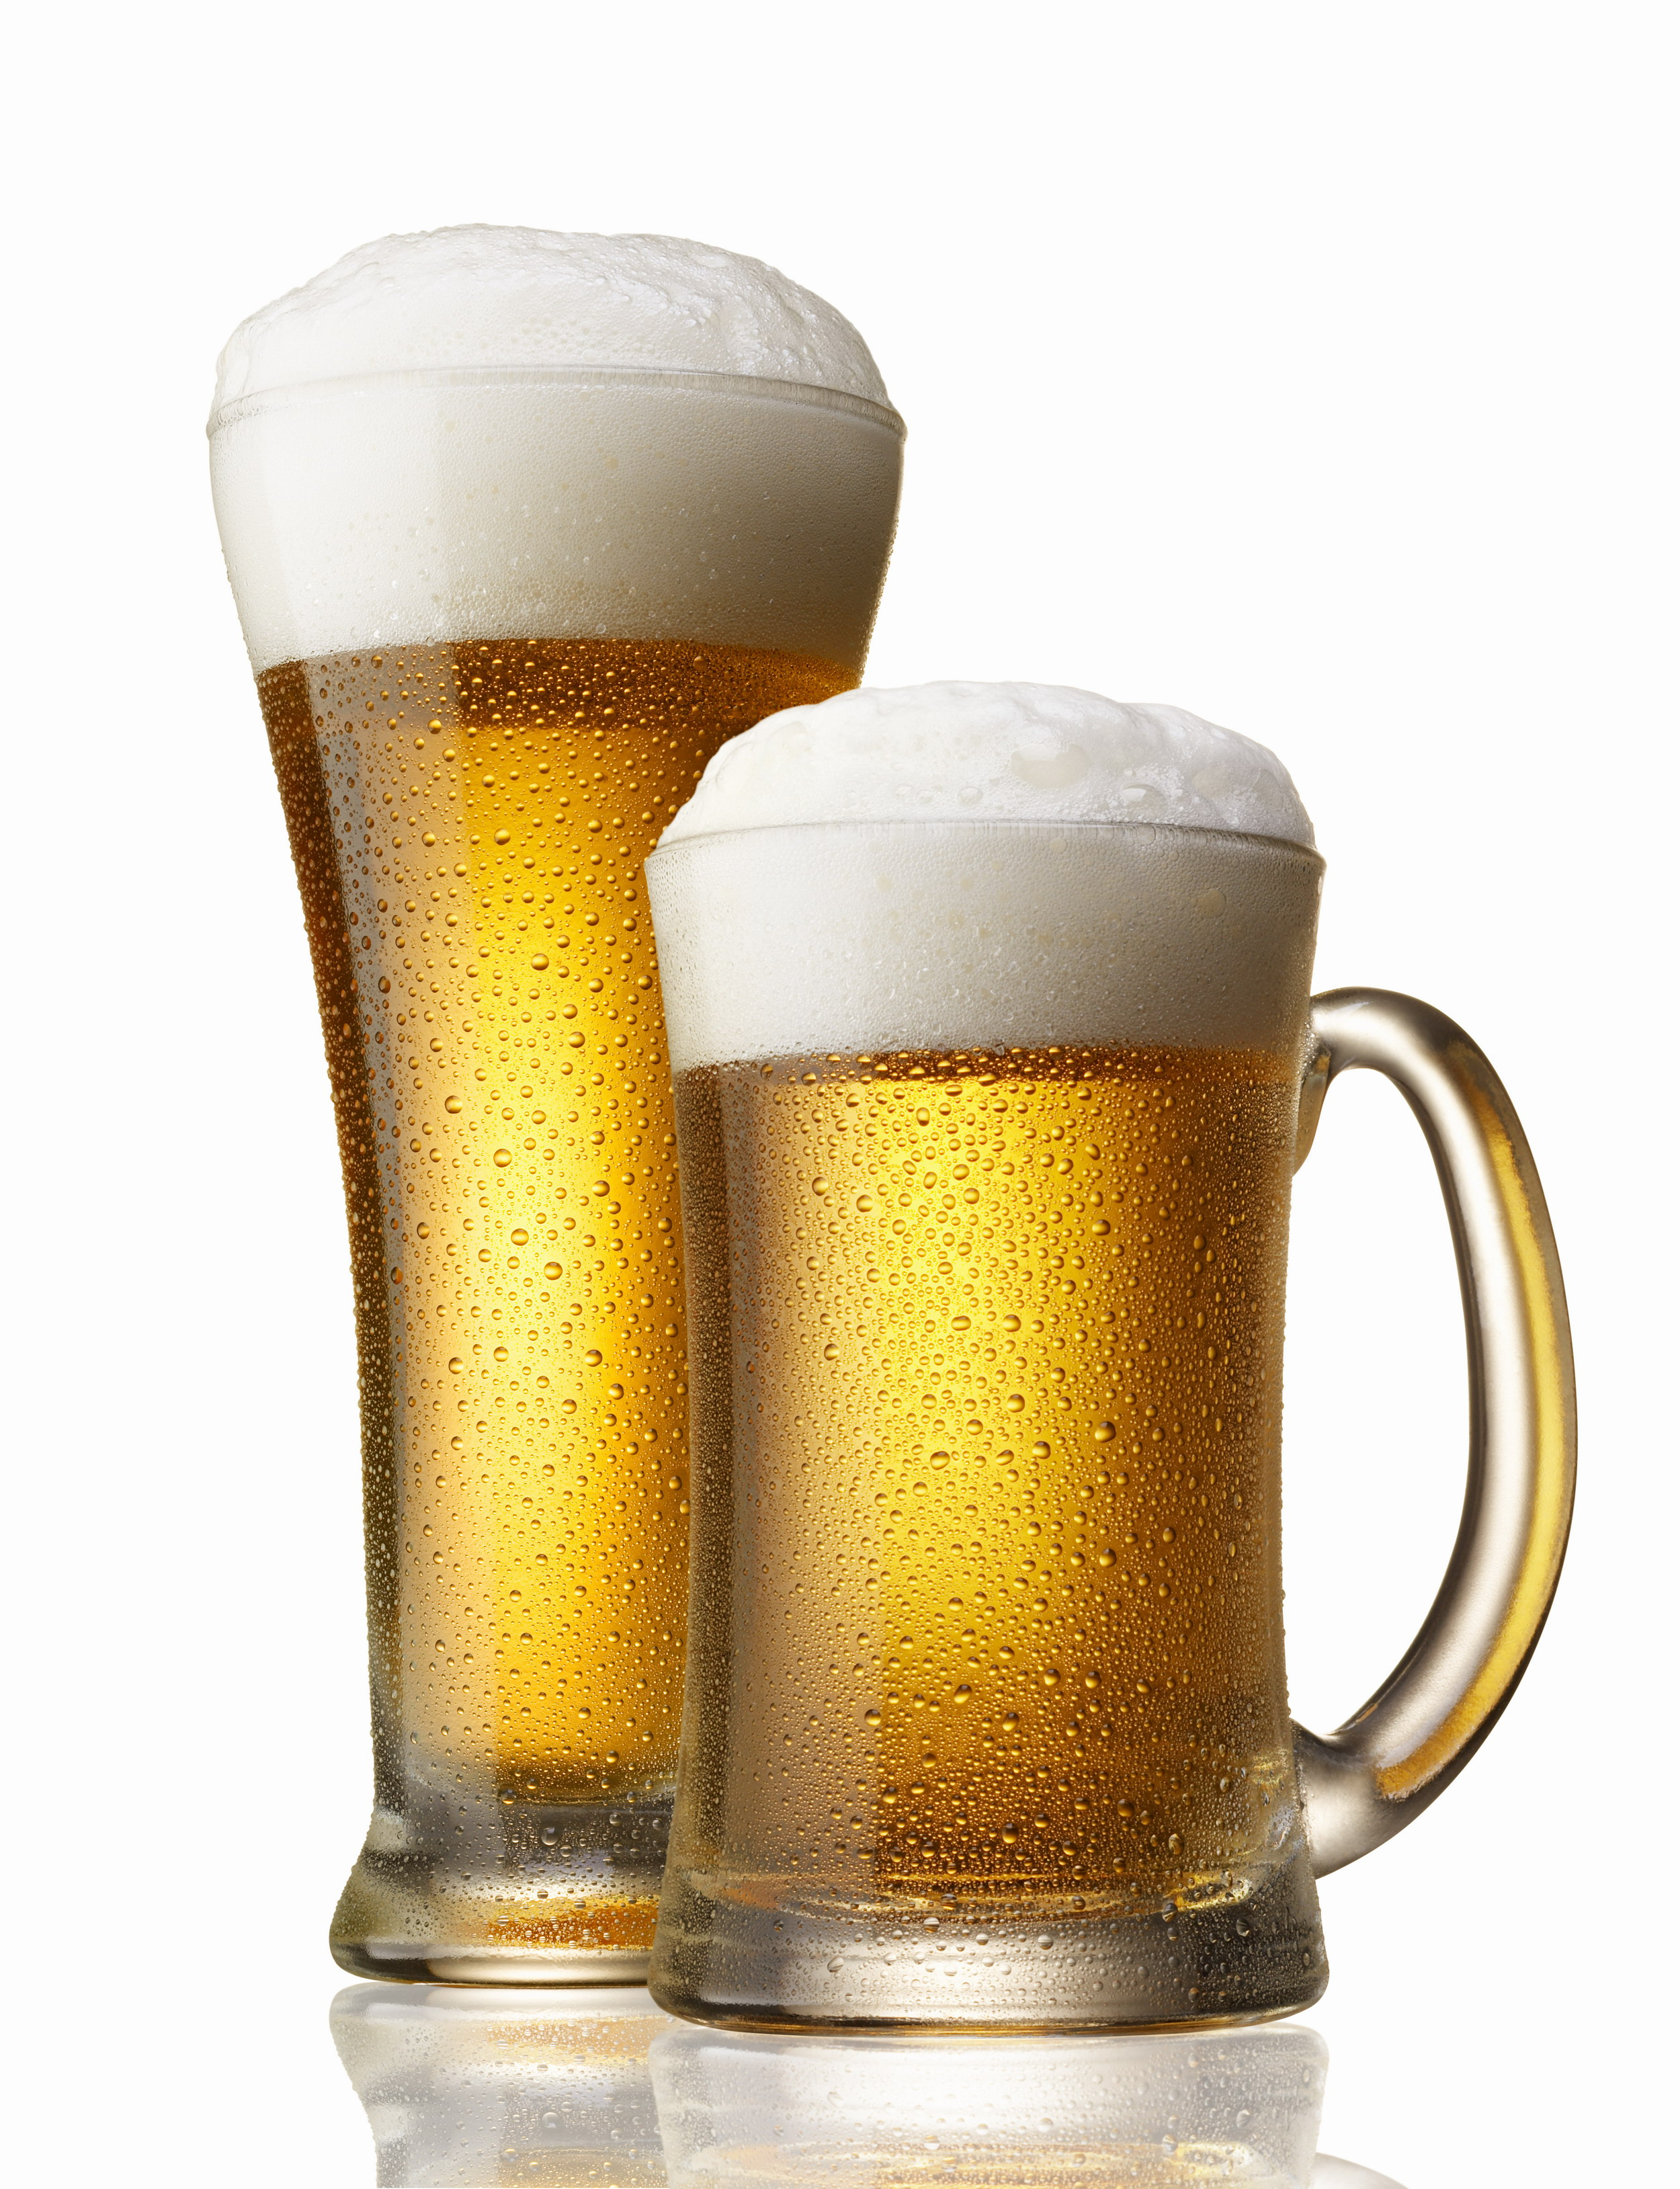 пиво в кружках разливное фото, обои для рабочего стола